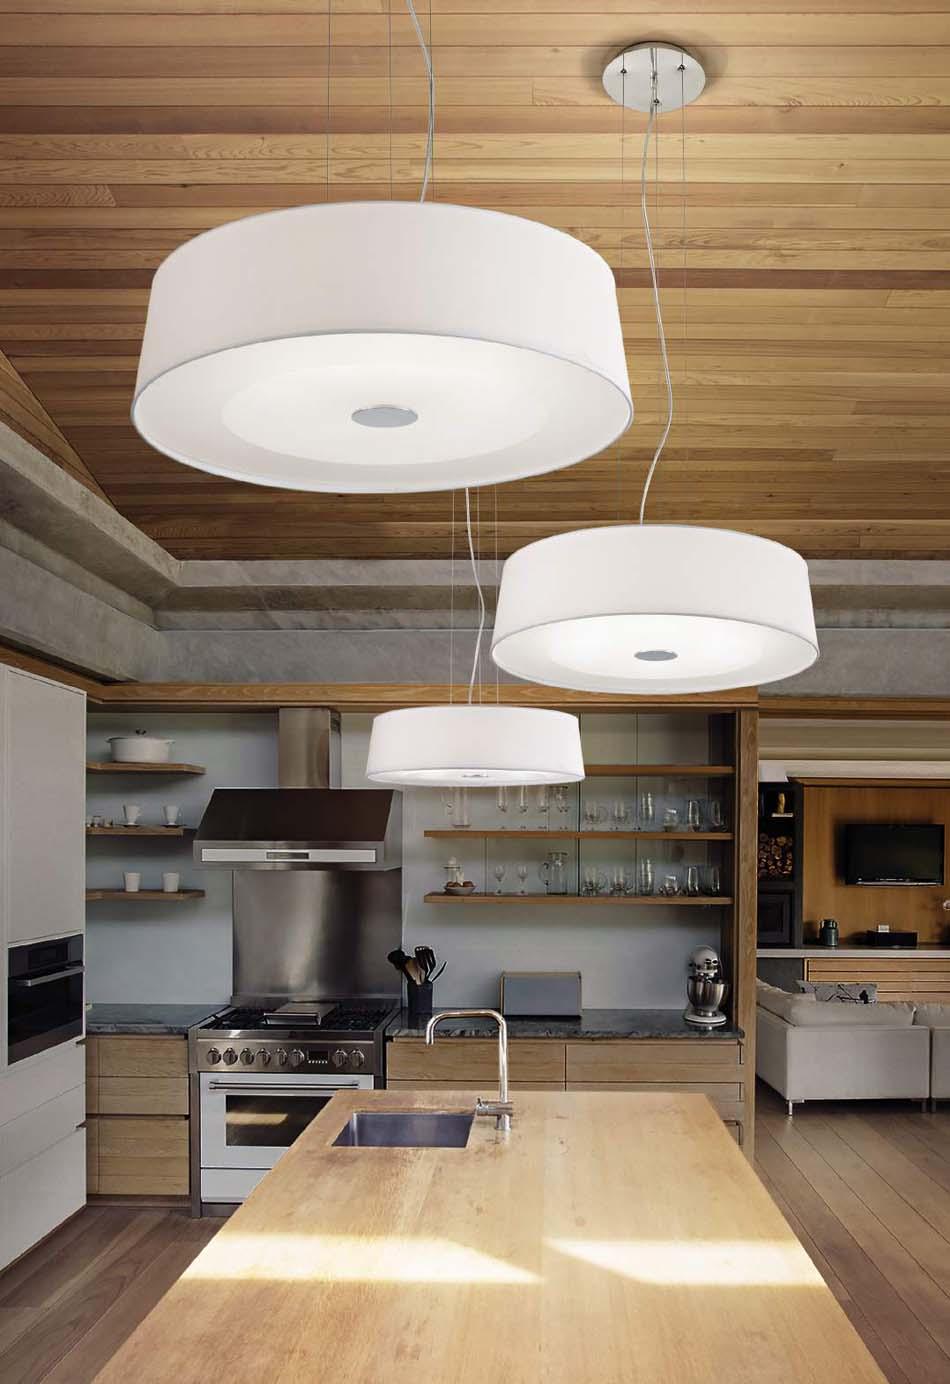 Lampade 40 sospese Ideal Lux Hilton – Toscana Arredamenti